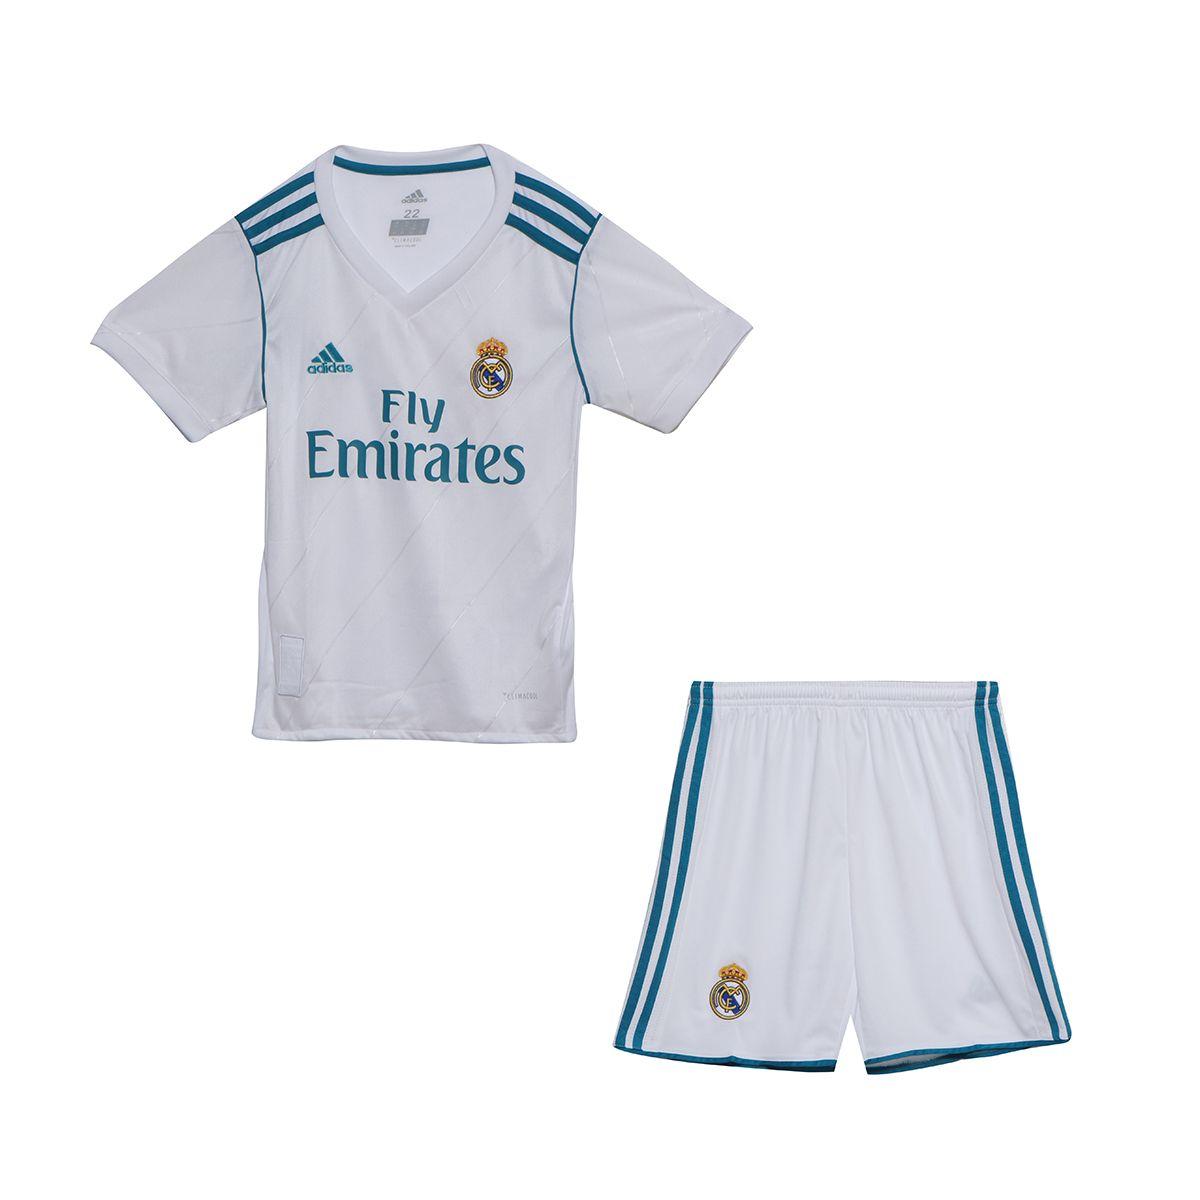 f3791a410d6 17-18 Real Madrid Home Children's Jersey Kit(Shirt+Short) -  www.jerseymate.com